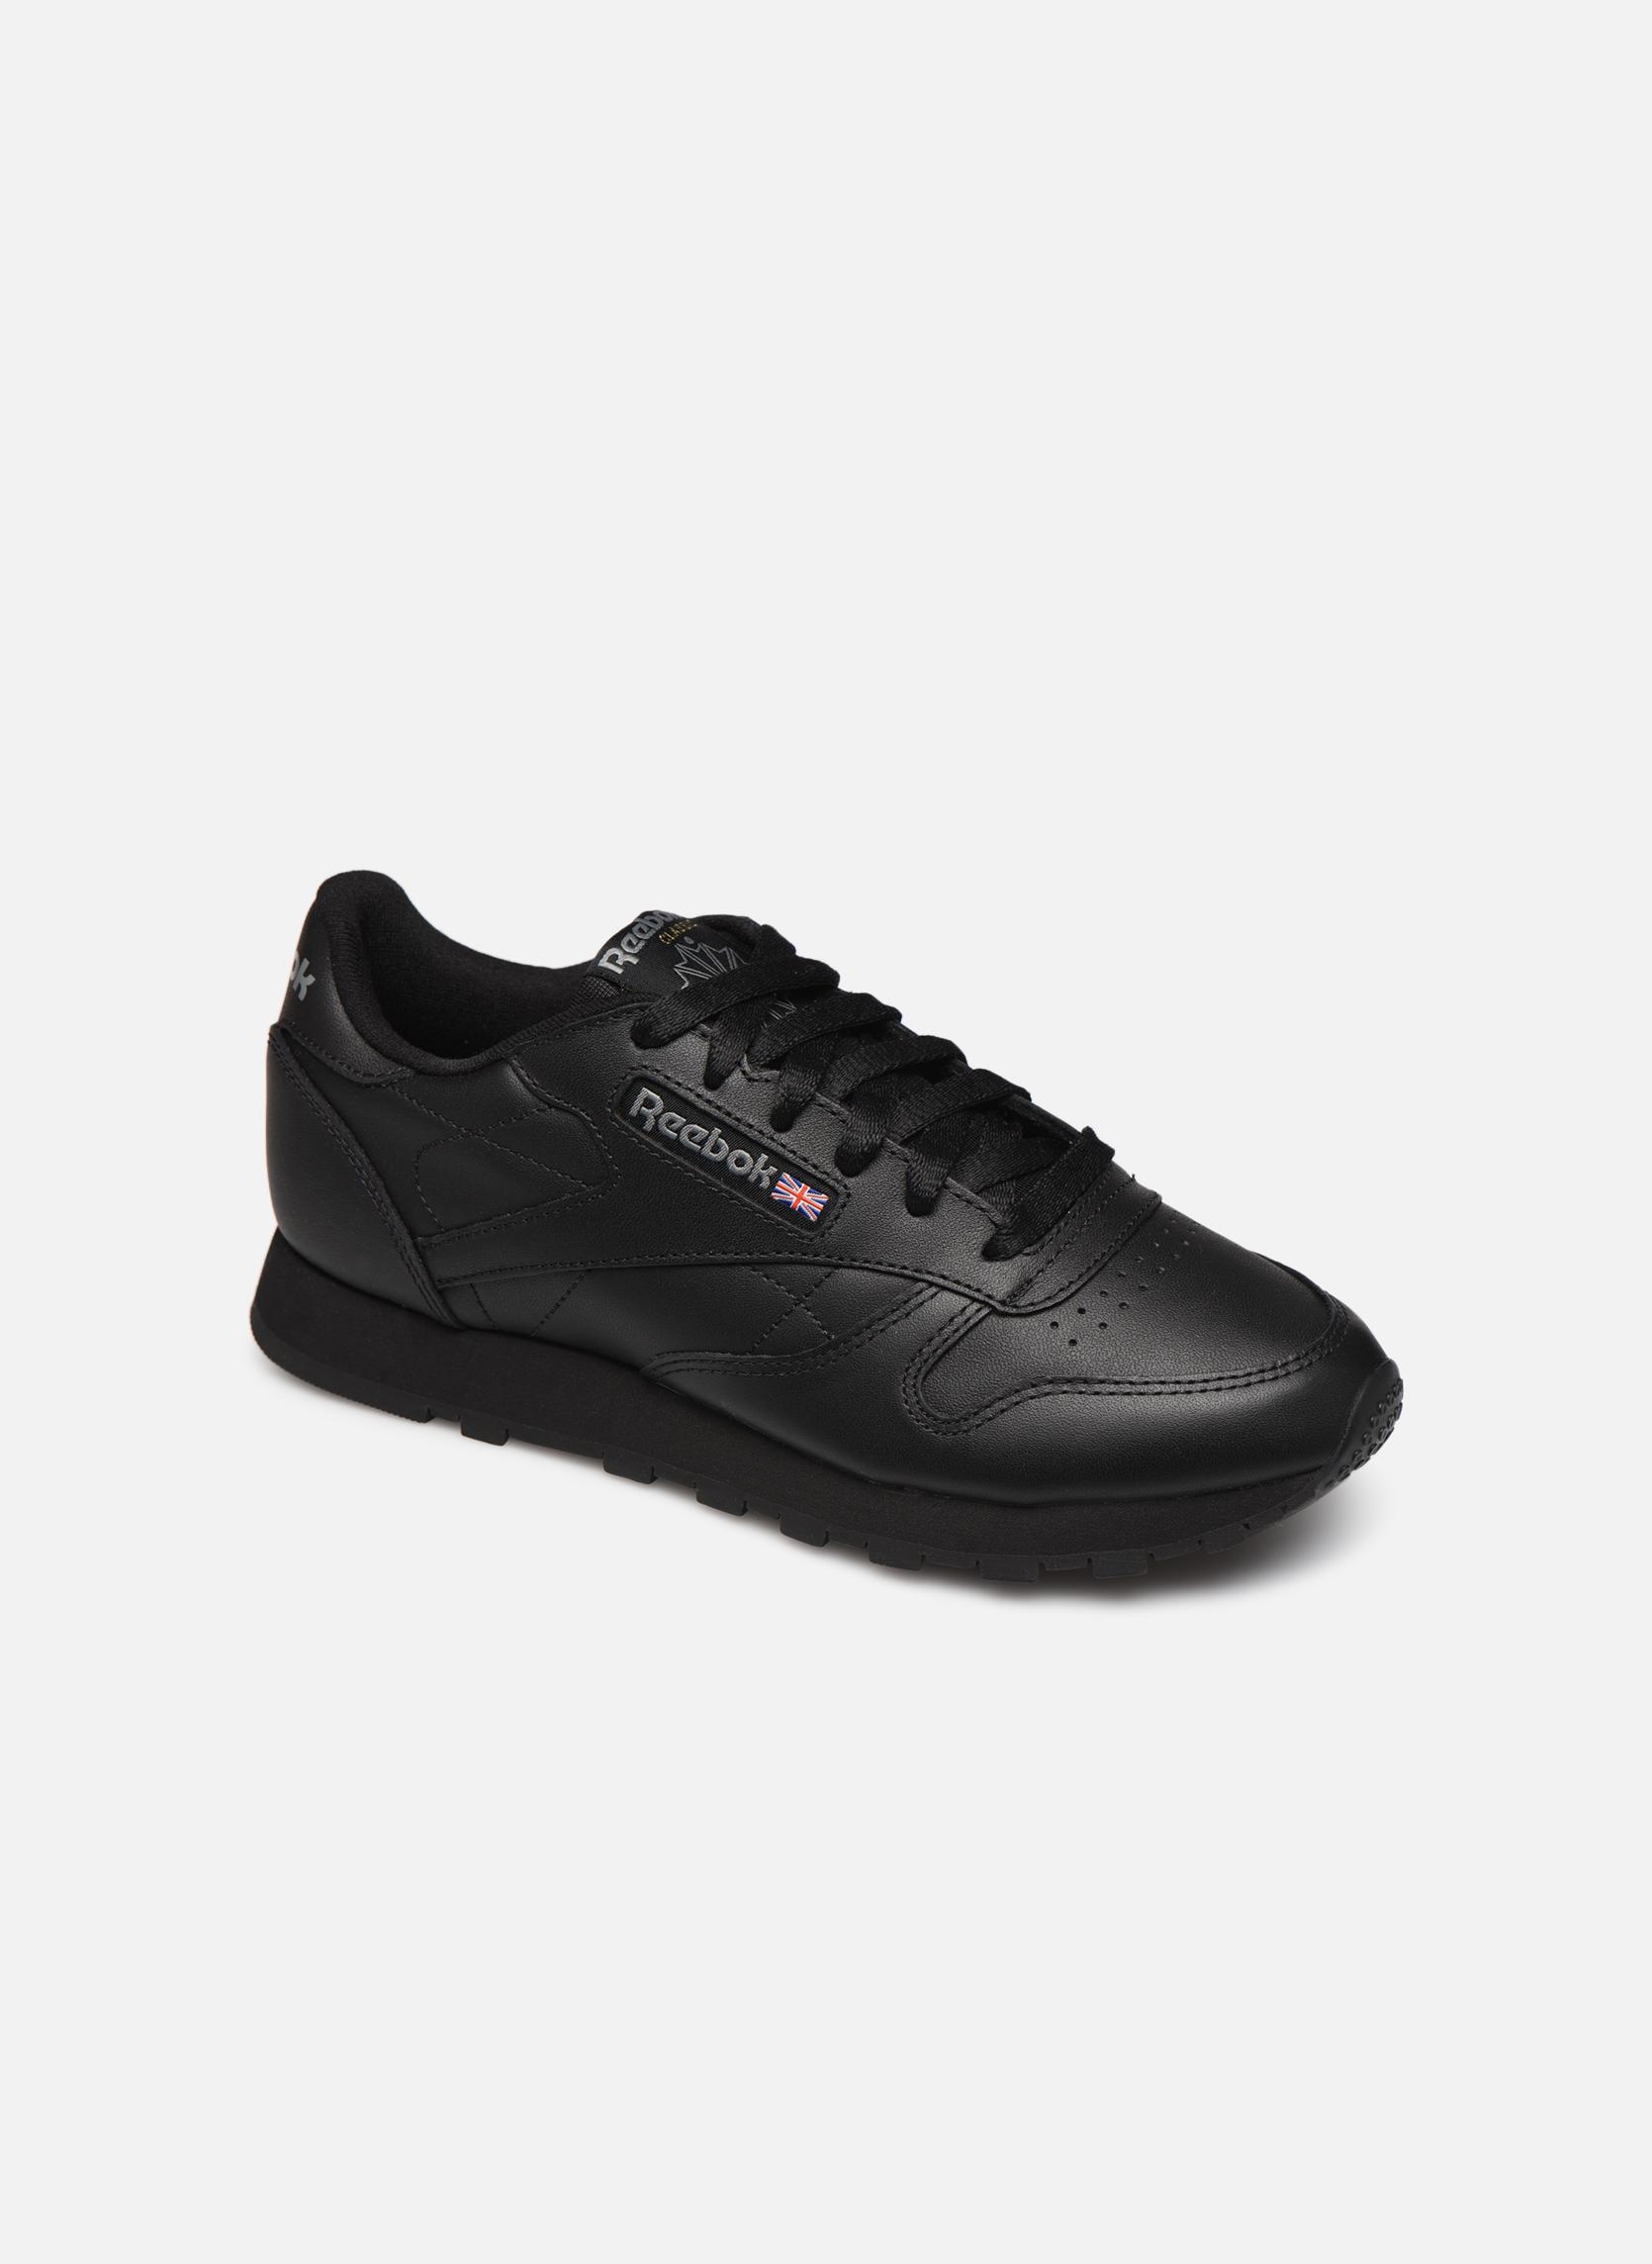 Grandes descuentos últimos zapatos Reebok Classic Leather W (Negro) - Deportivas Descuento